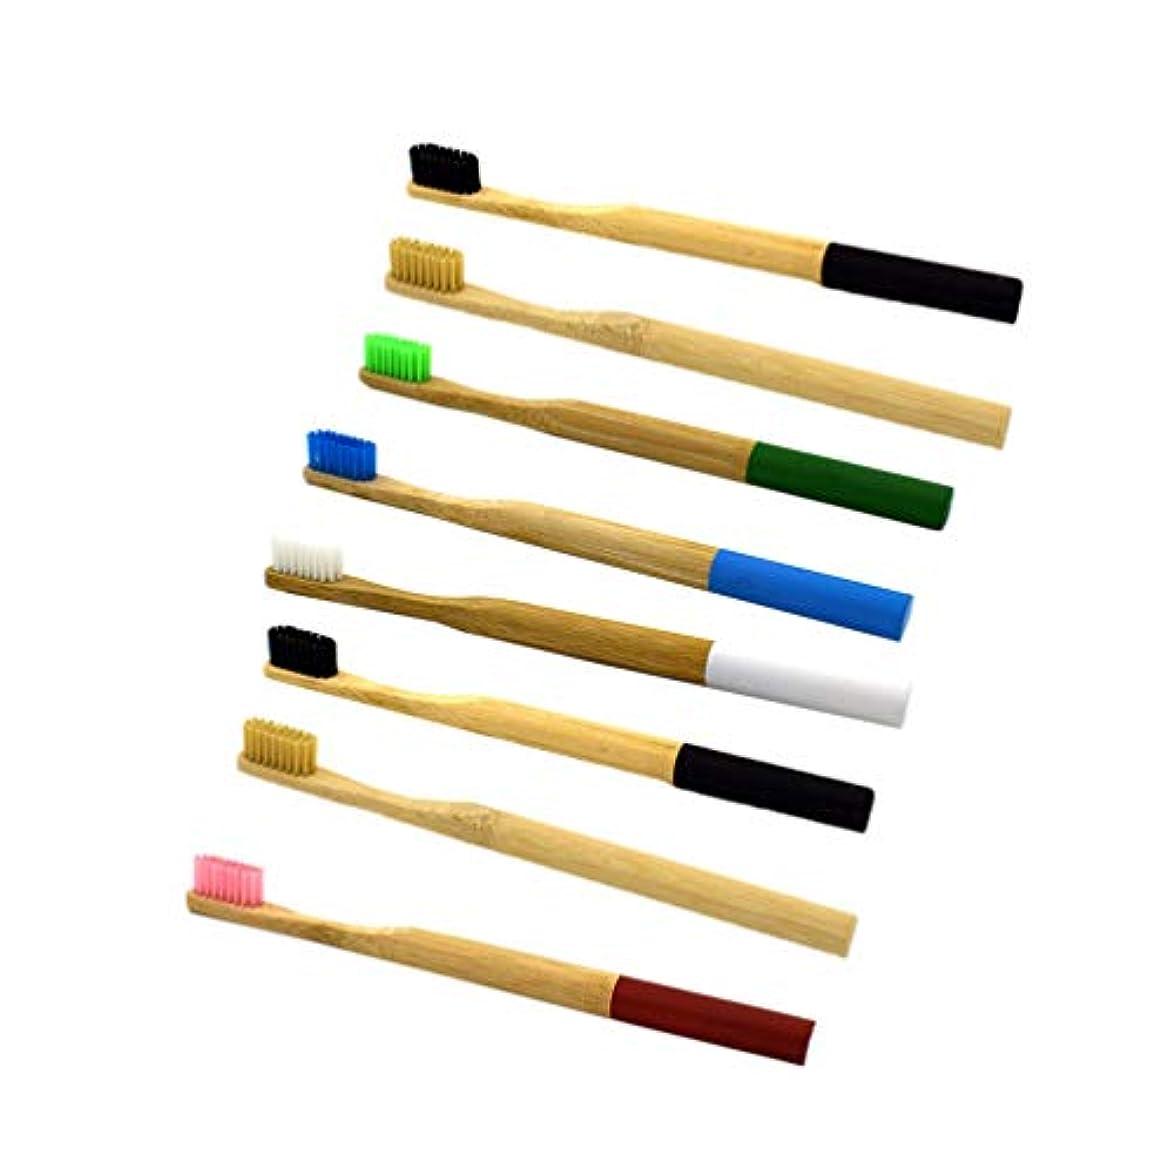 置換教育学影響を受けやすいですSUPVOX 柔らかい剛毛の丸いハンドルが付いている8 PCの自然な竹の歯ブラシ